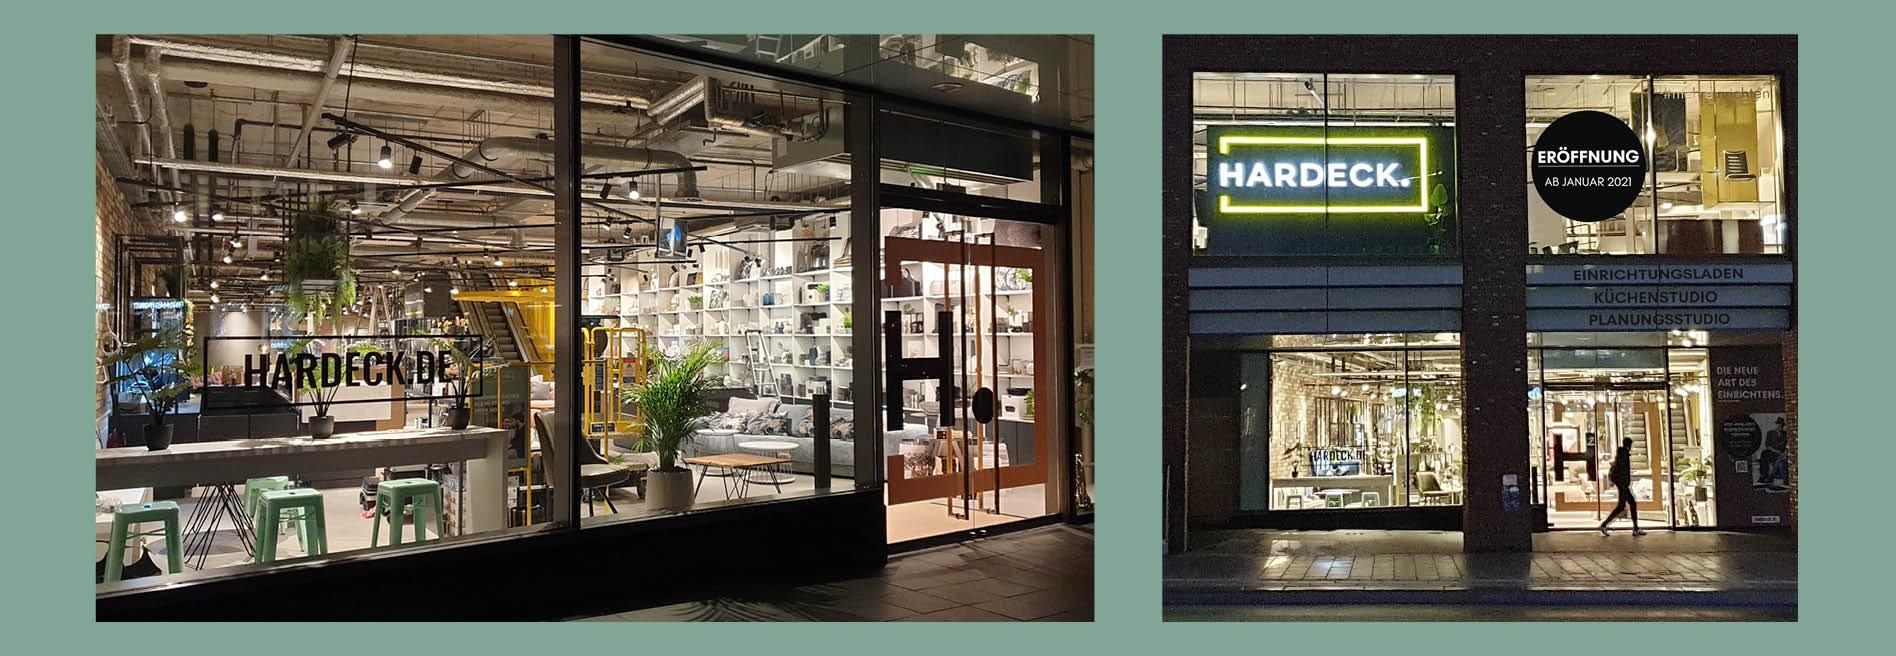 Hardeck Filiale Hamburg